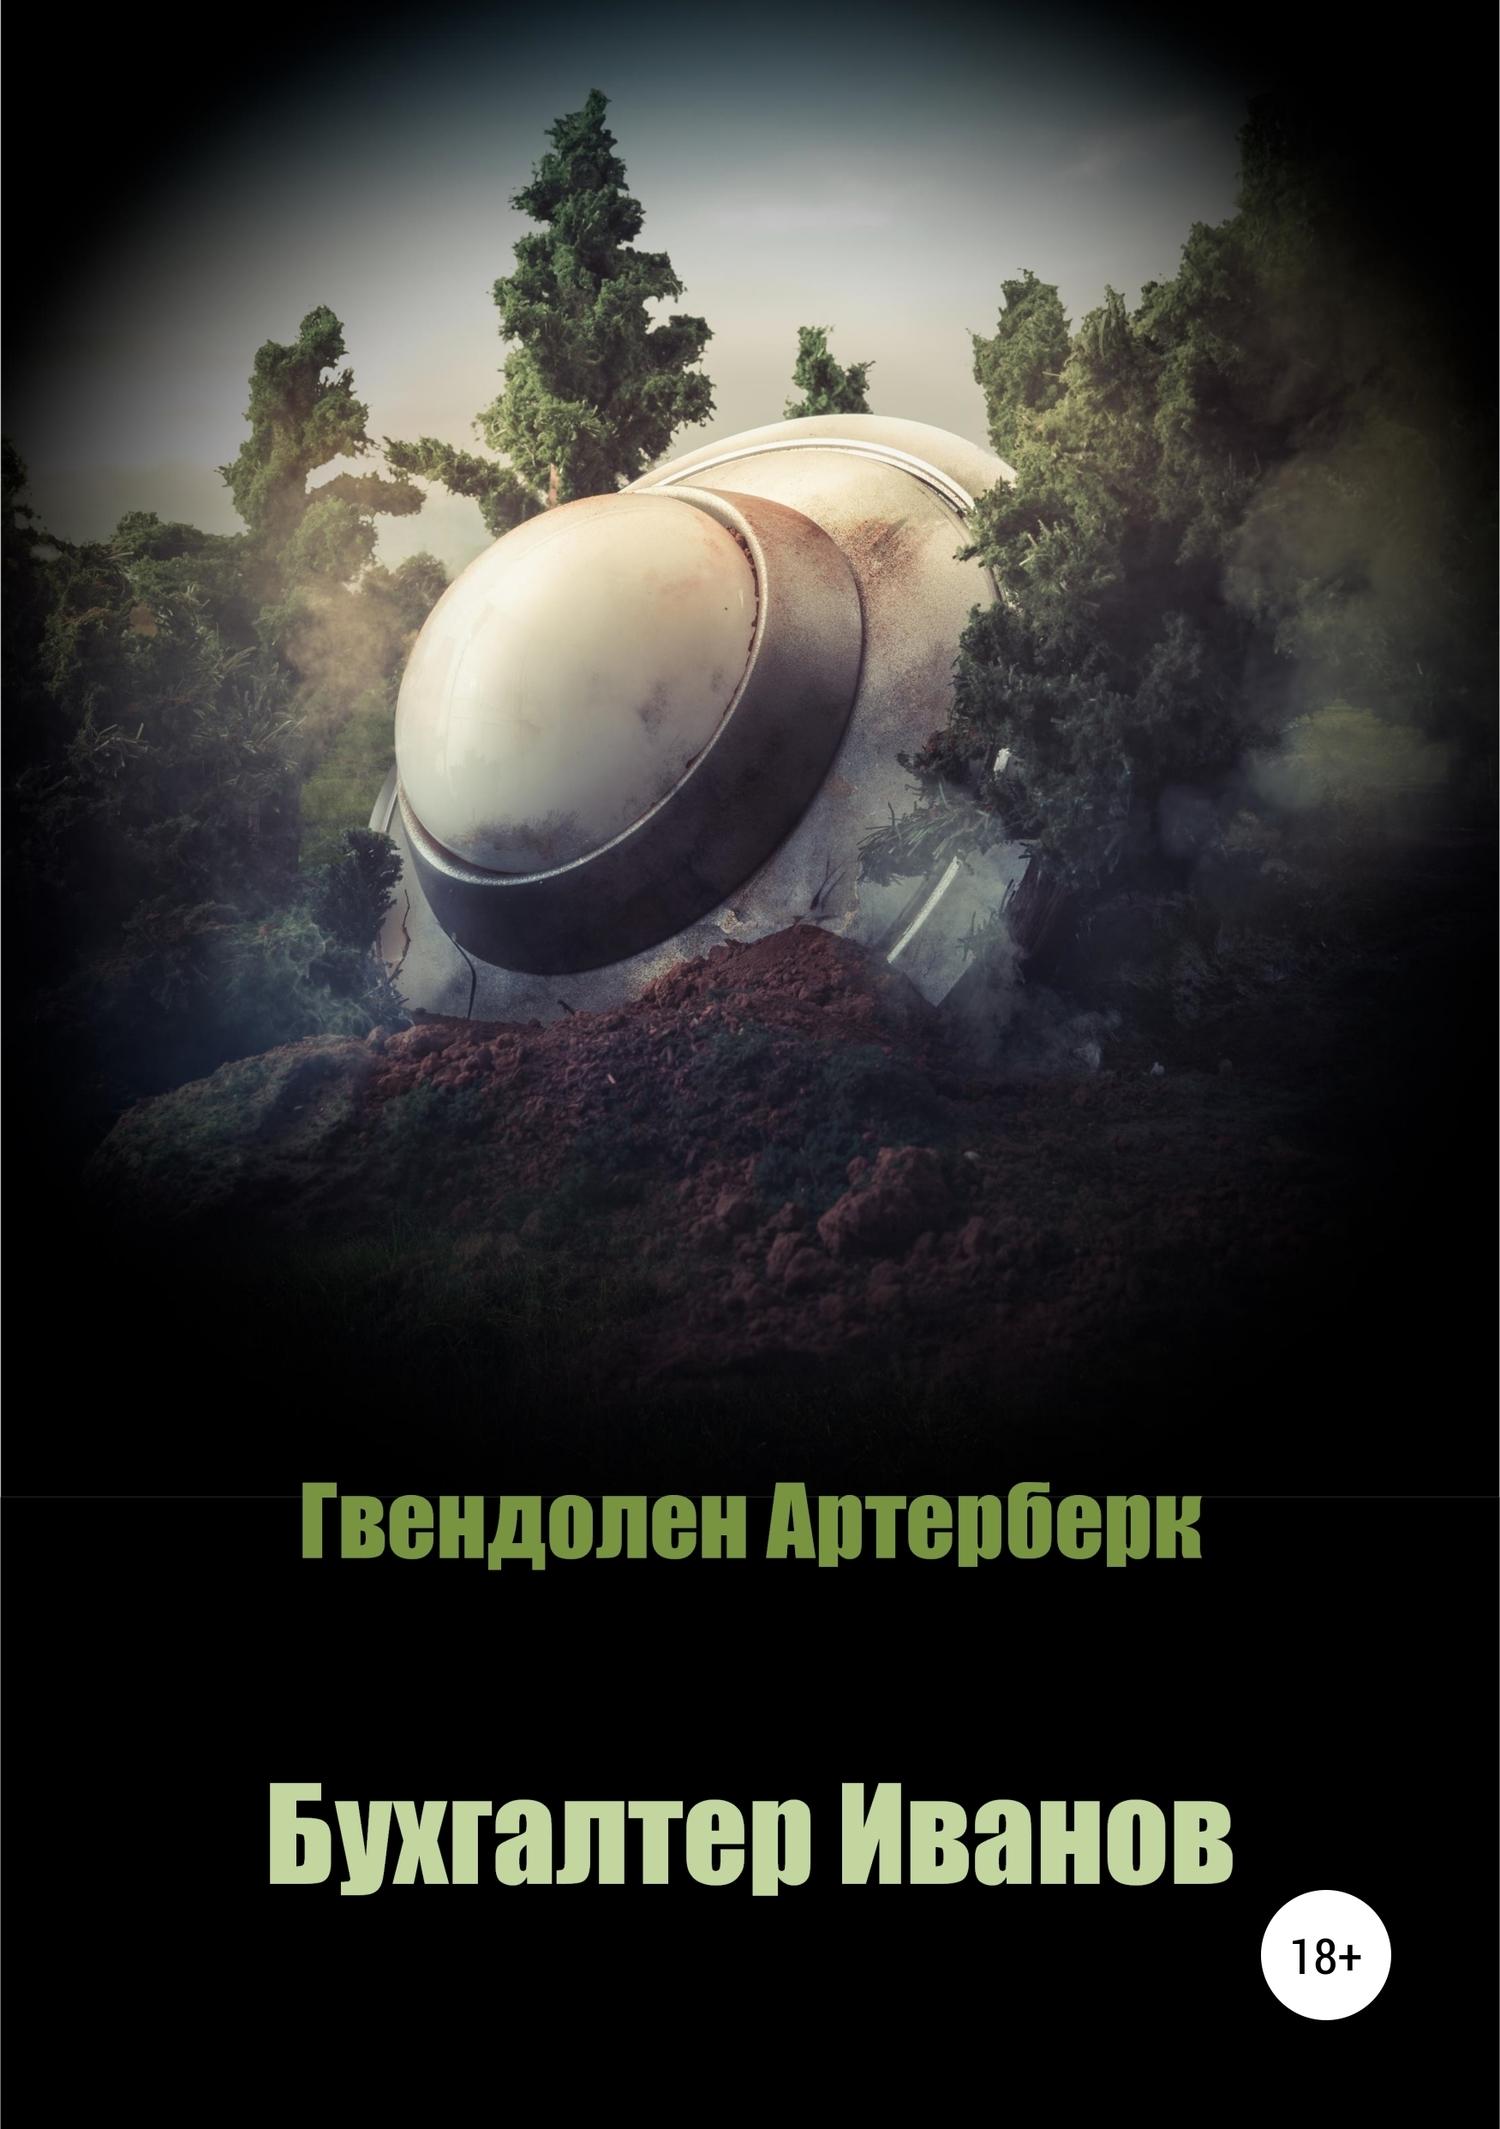 Гвендолен Артерберк - Бухгалтер Иванов